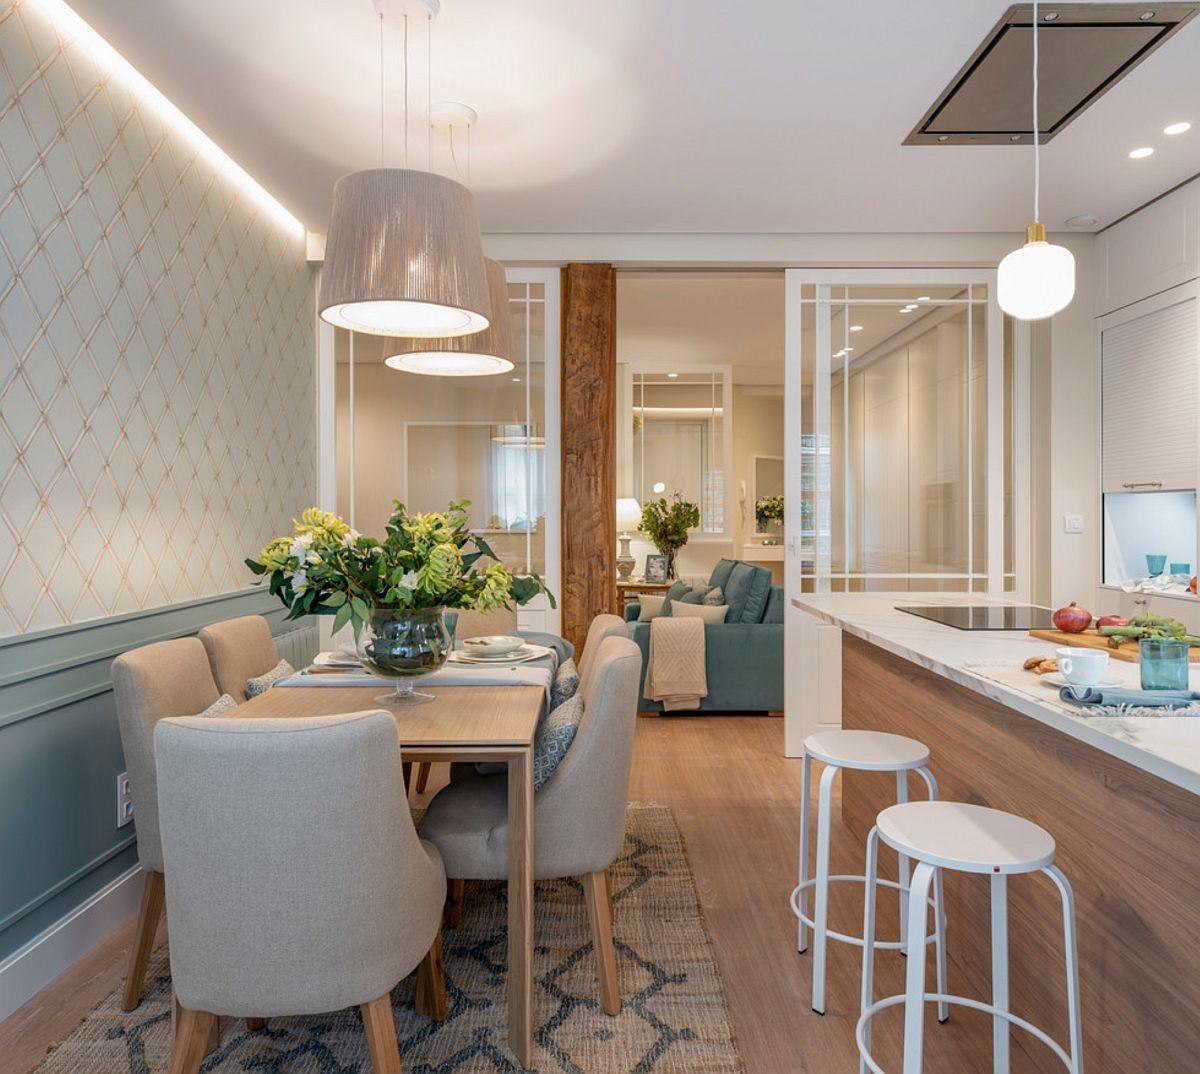 Ușile culisante ce separă bucătăria și sufrageria de living asigură lumină naturală către zona canapelelor, zonă care nu beneficiază de nicio fereastră.